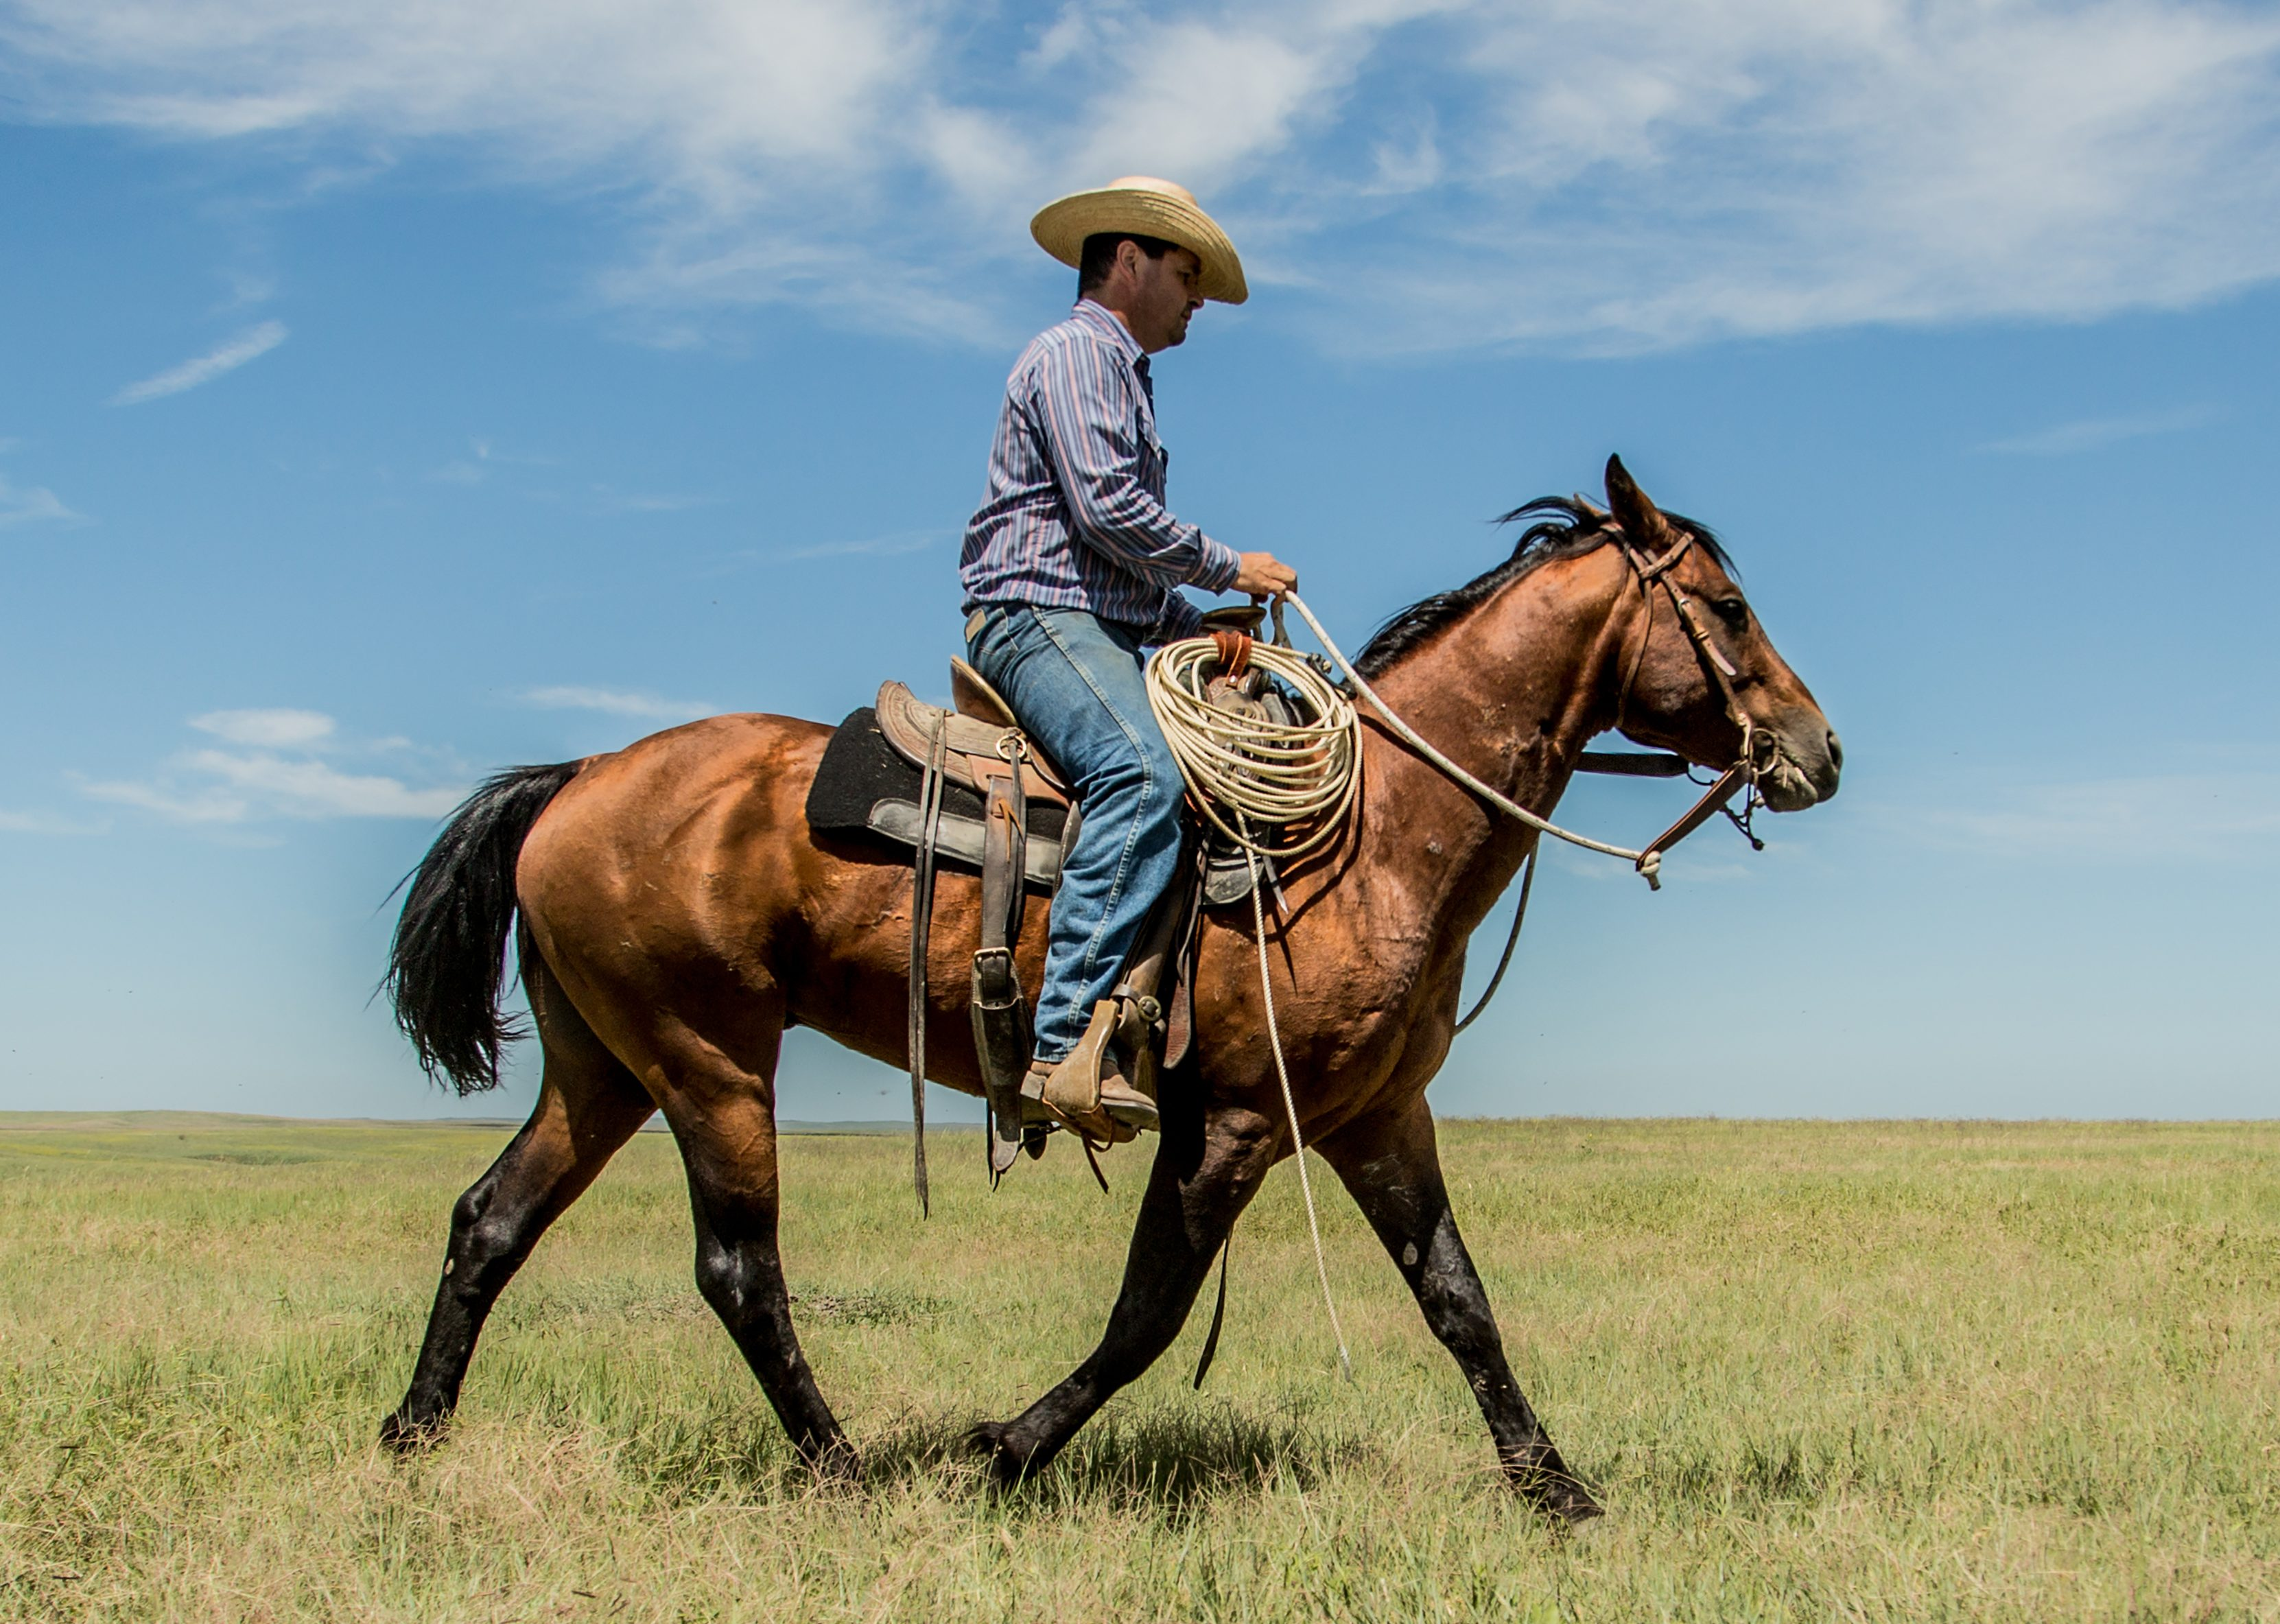 Zach Ducheneaux, The DX Ranch Crew, South Dakota Cowgirl Photography, south dakota cowboys